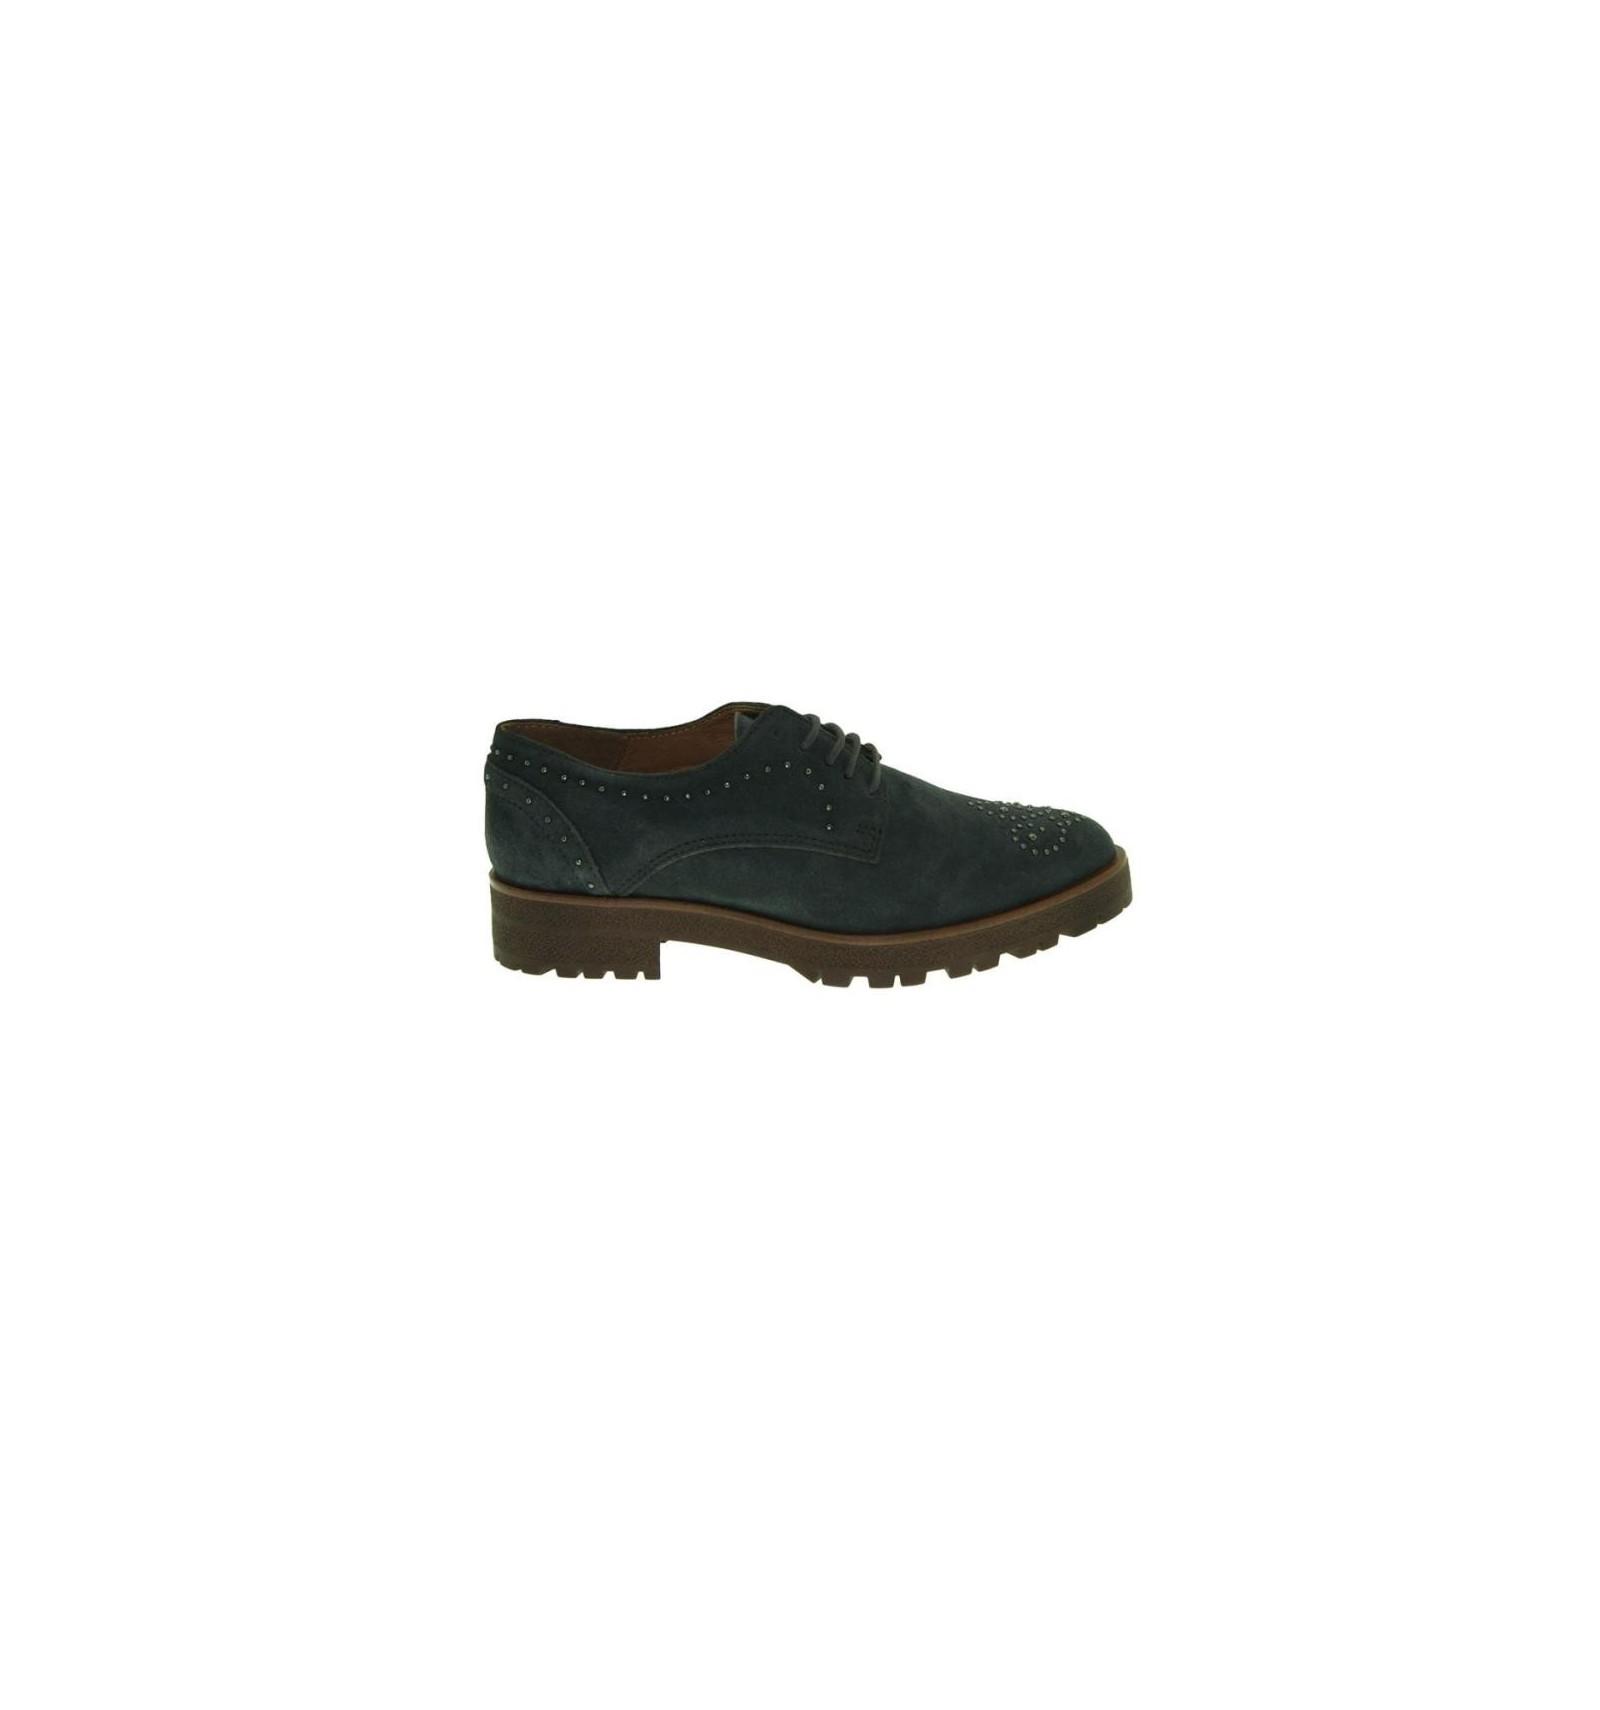 78e6357785d Alpe-3380 - ADN Shoes